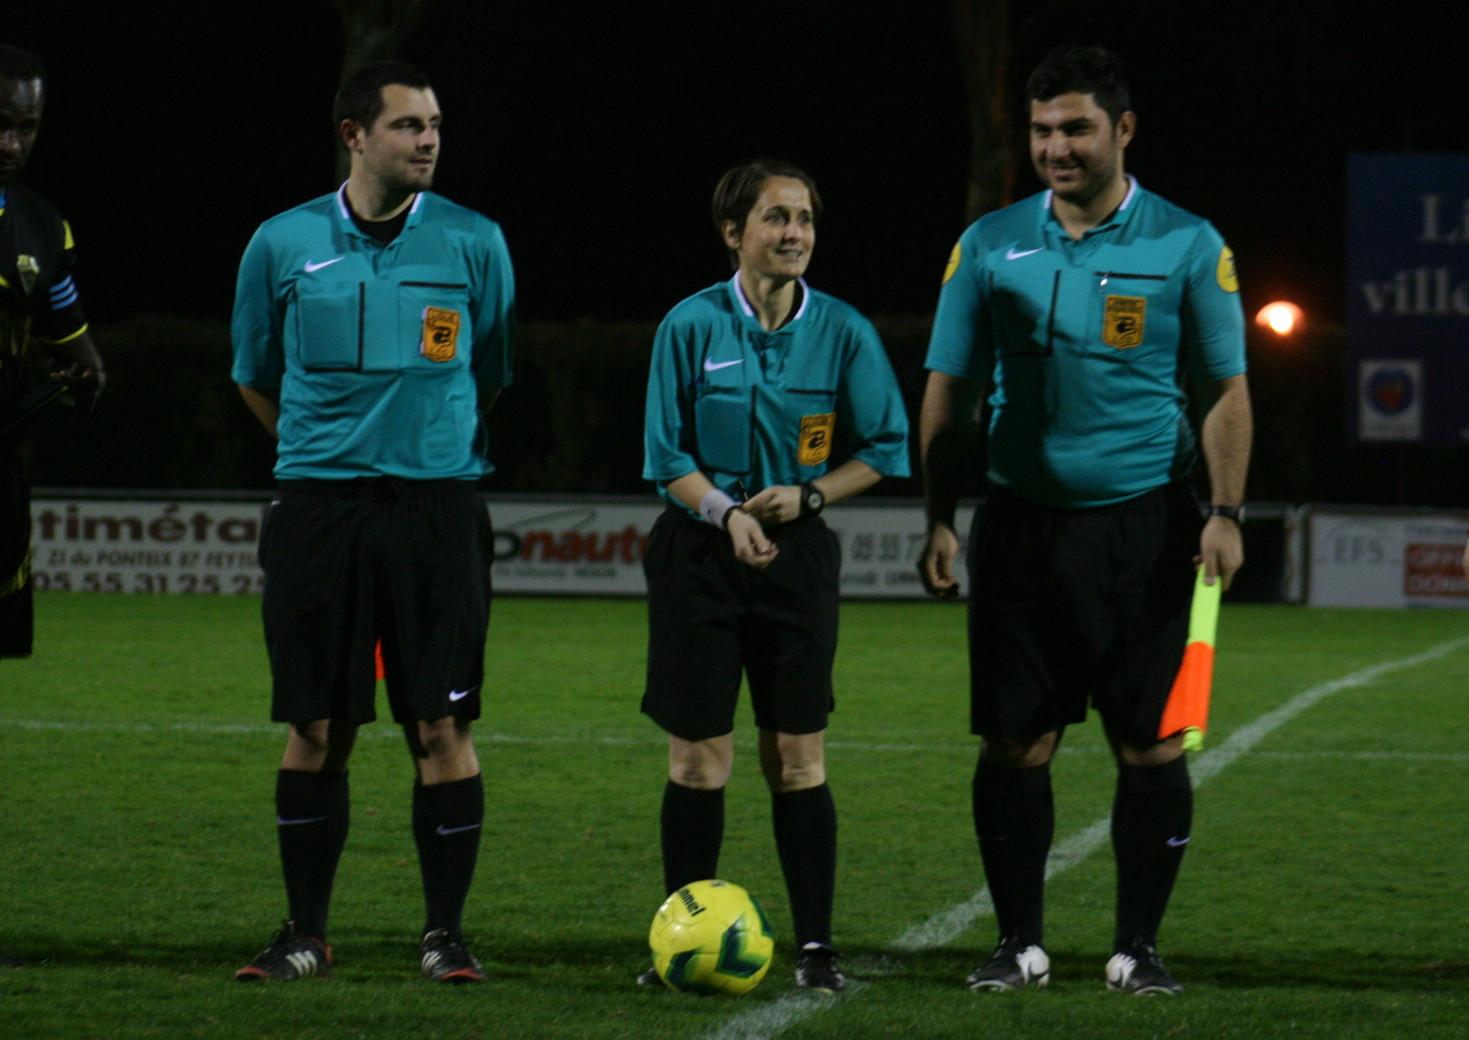 Limoges-Soyaux (1) les arbitres.jpg